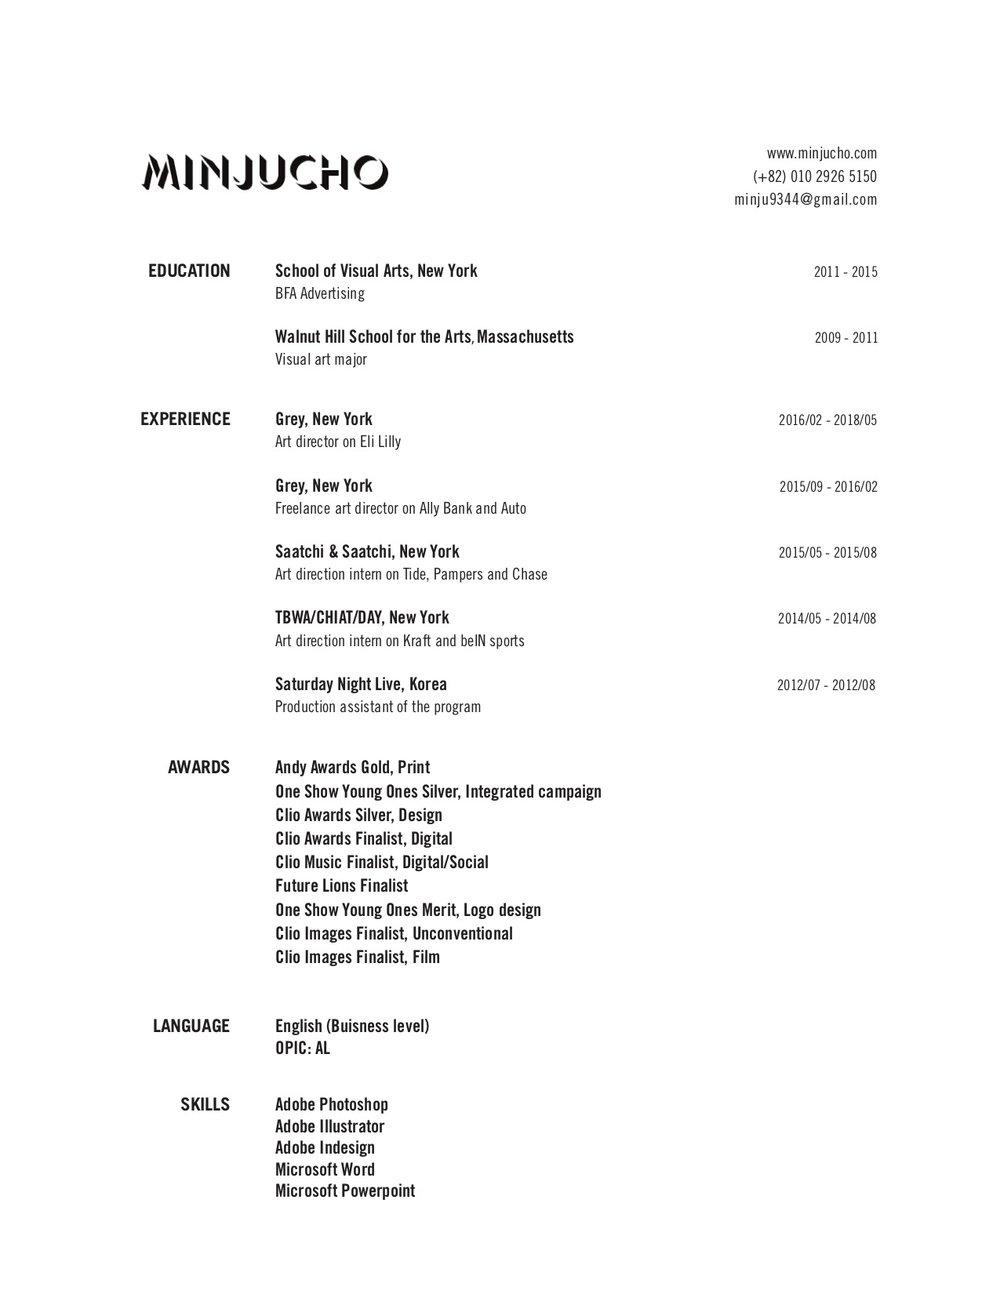 Minju Resume_2018 copy.jpg